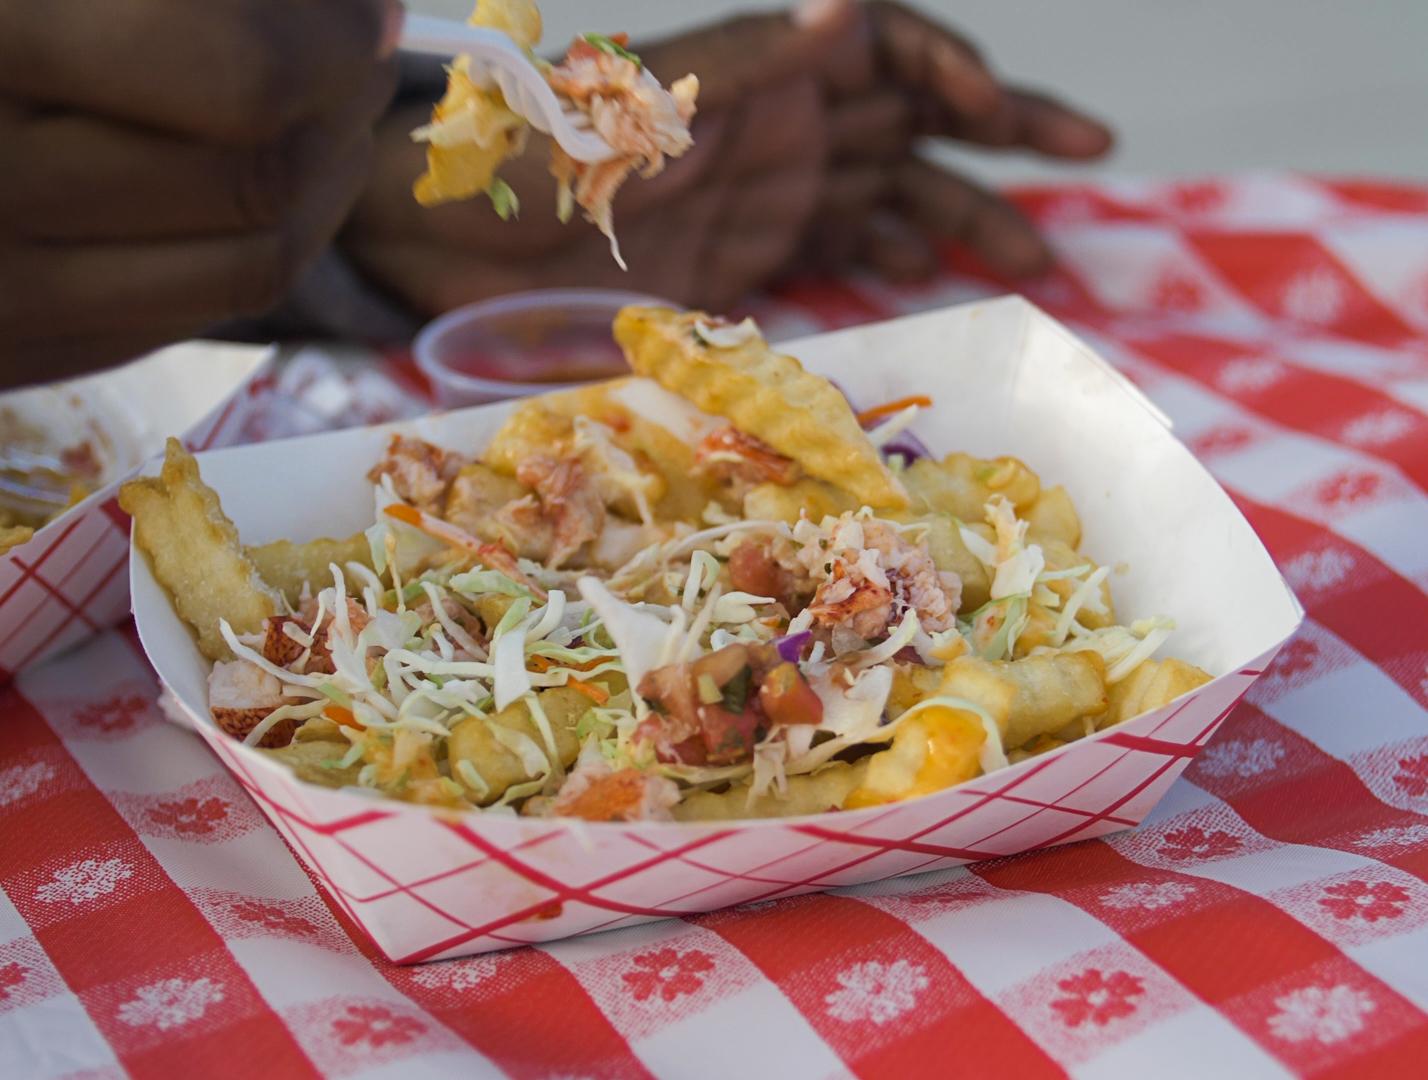 Food_Lobster_Fries.png